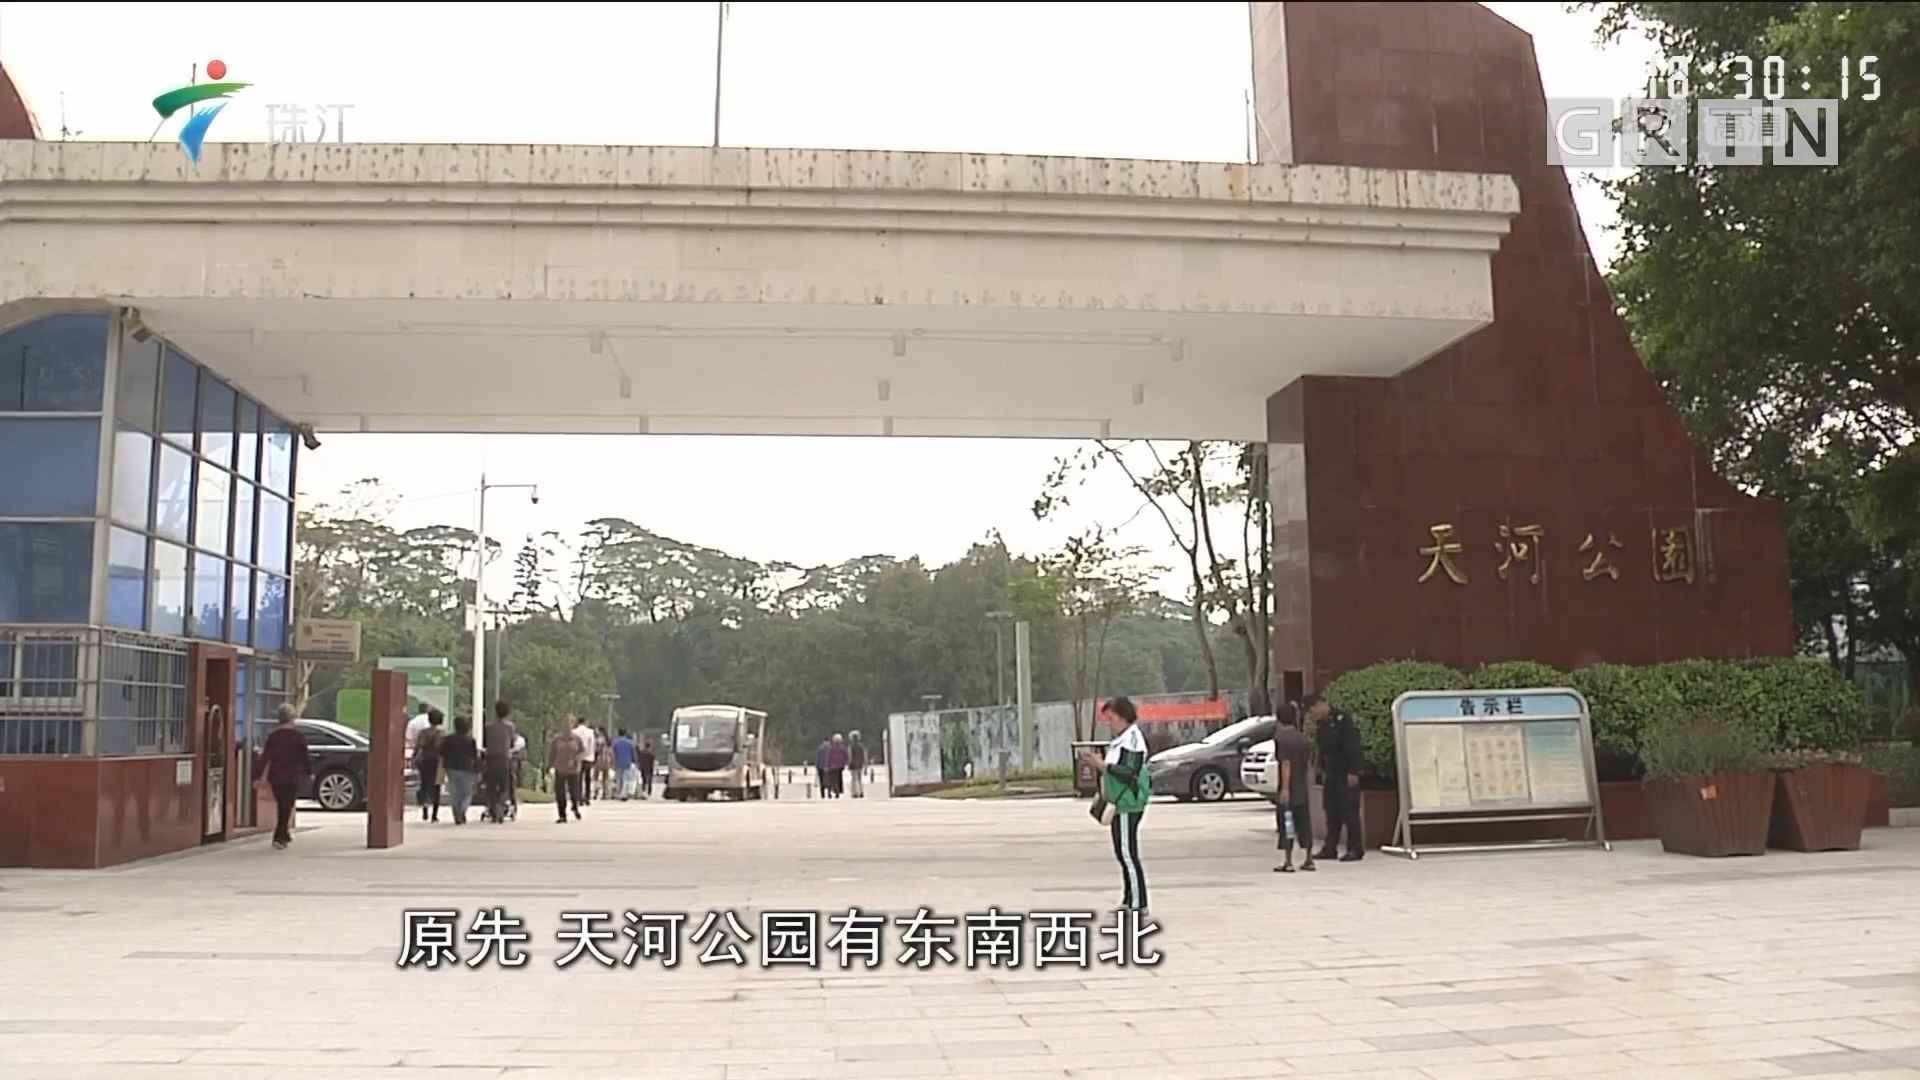 广州:天河公园拆围透绿 增加10个出入口